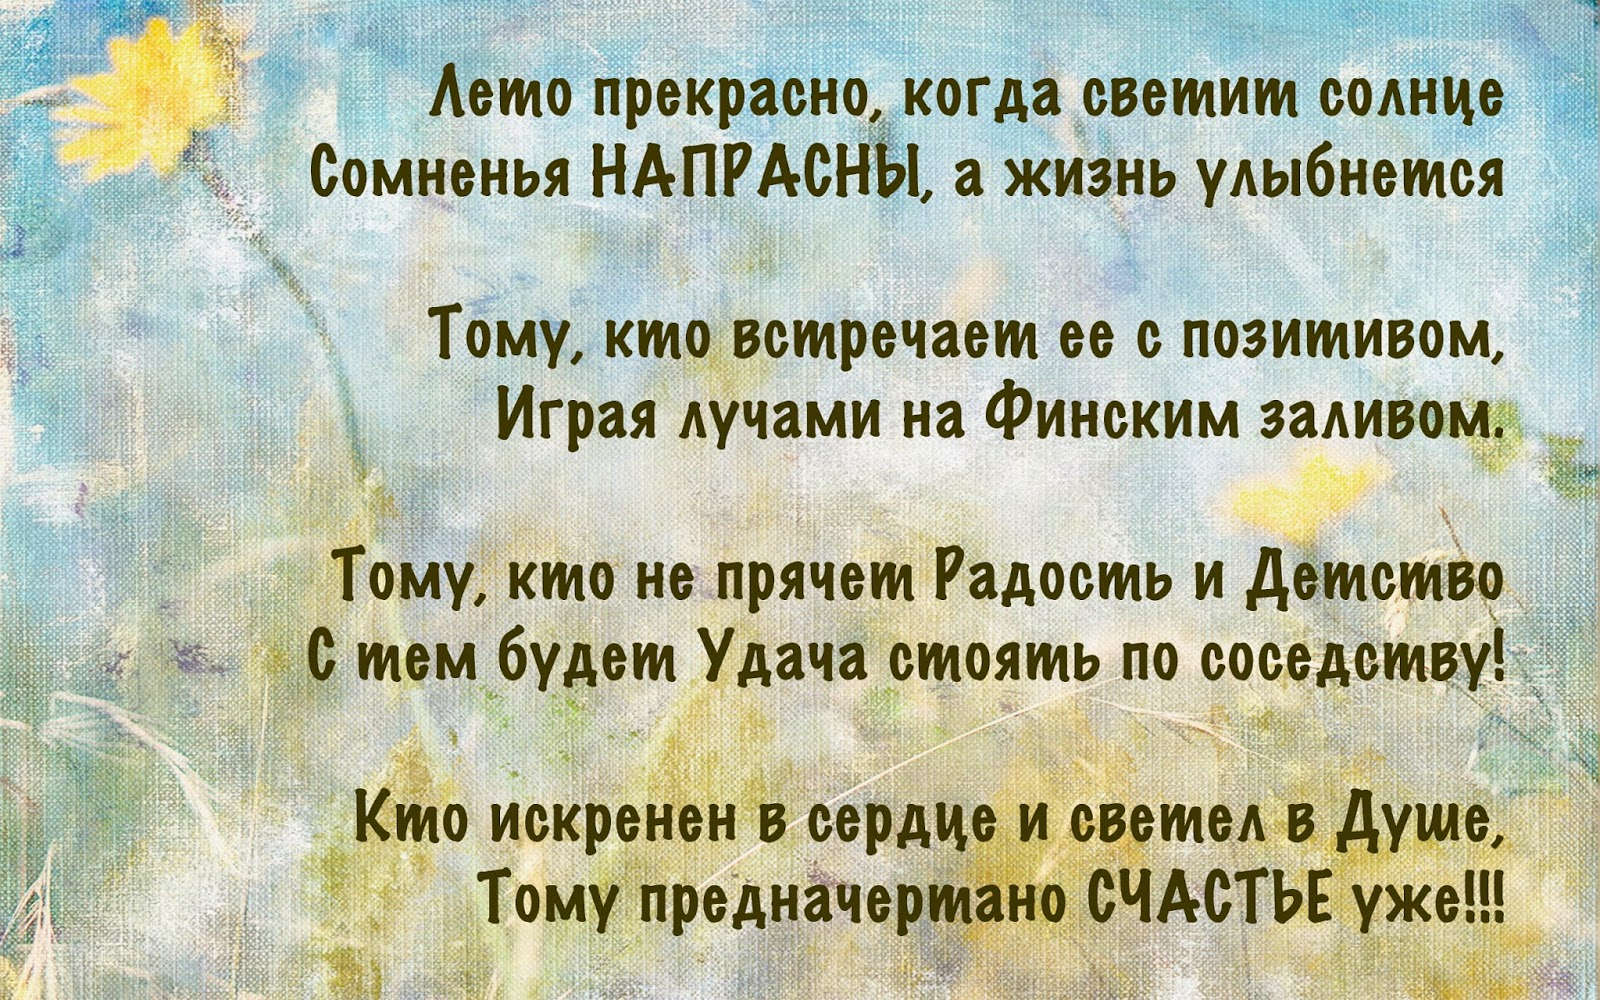 Это стихотворение - плоды творчества Надежды, во время тренинг-сеимнара в СПб.